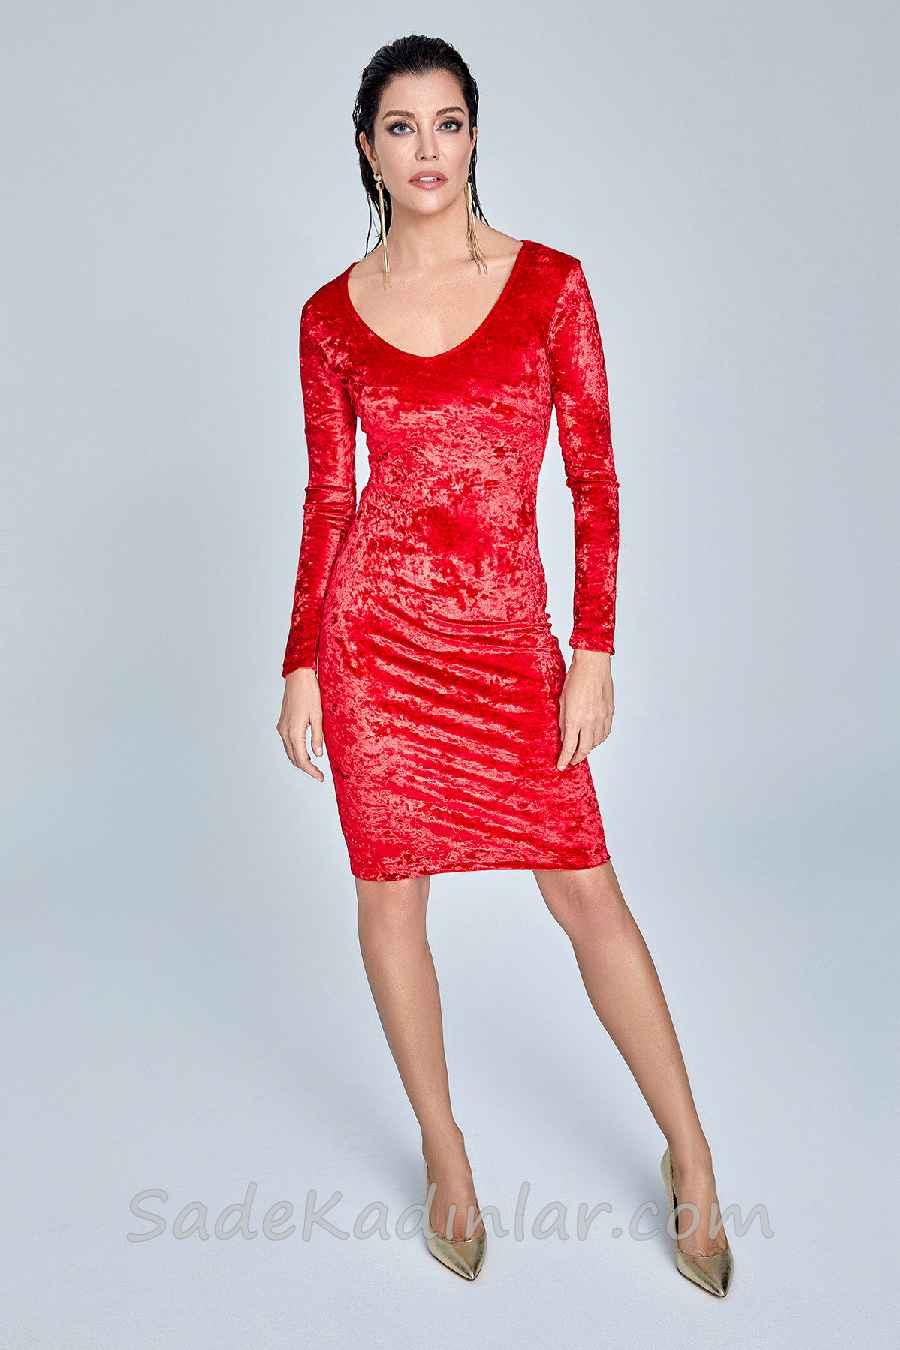 d05fd8477365a Trendyol'da Şık Kombinler, Kırmızı Diz boyu Geniş Yakalı ... - photo.  trendyol - photo#10. prestijli Raisa&Vanessa for Trendyol sonia siyah Elbise  .